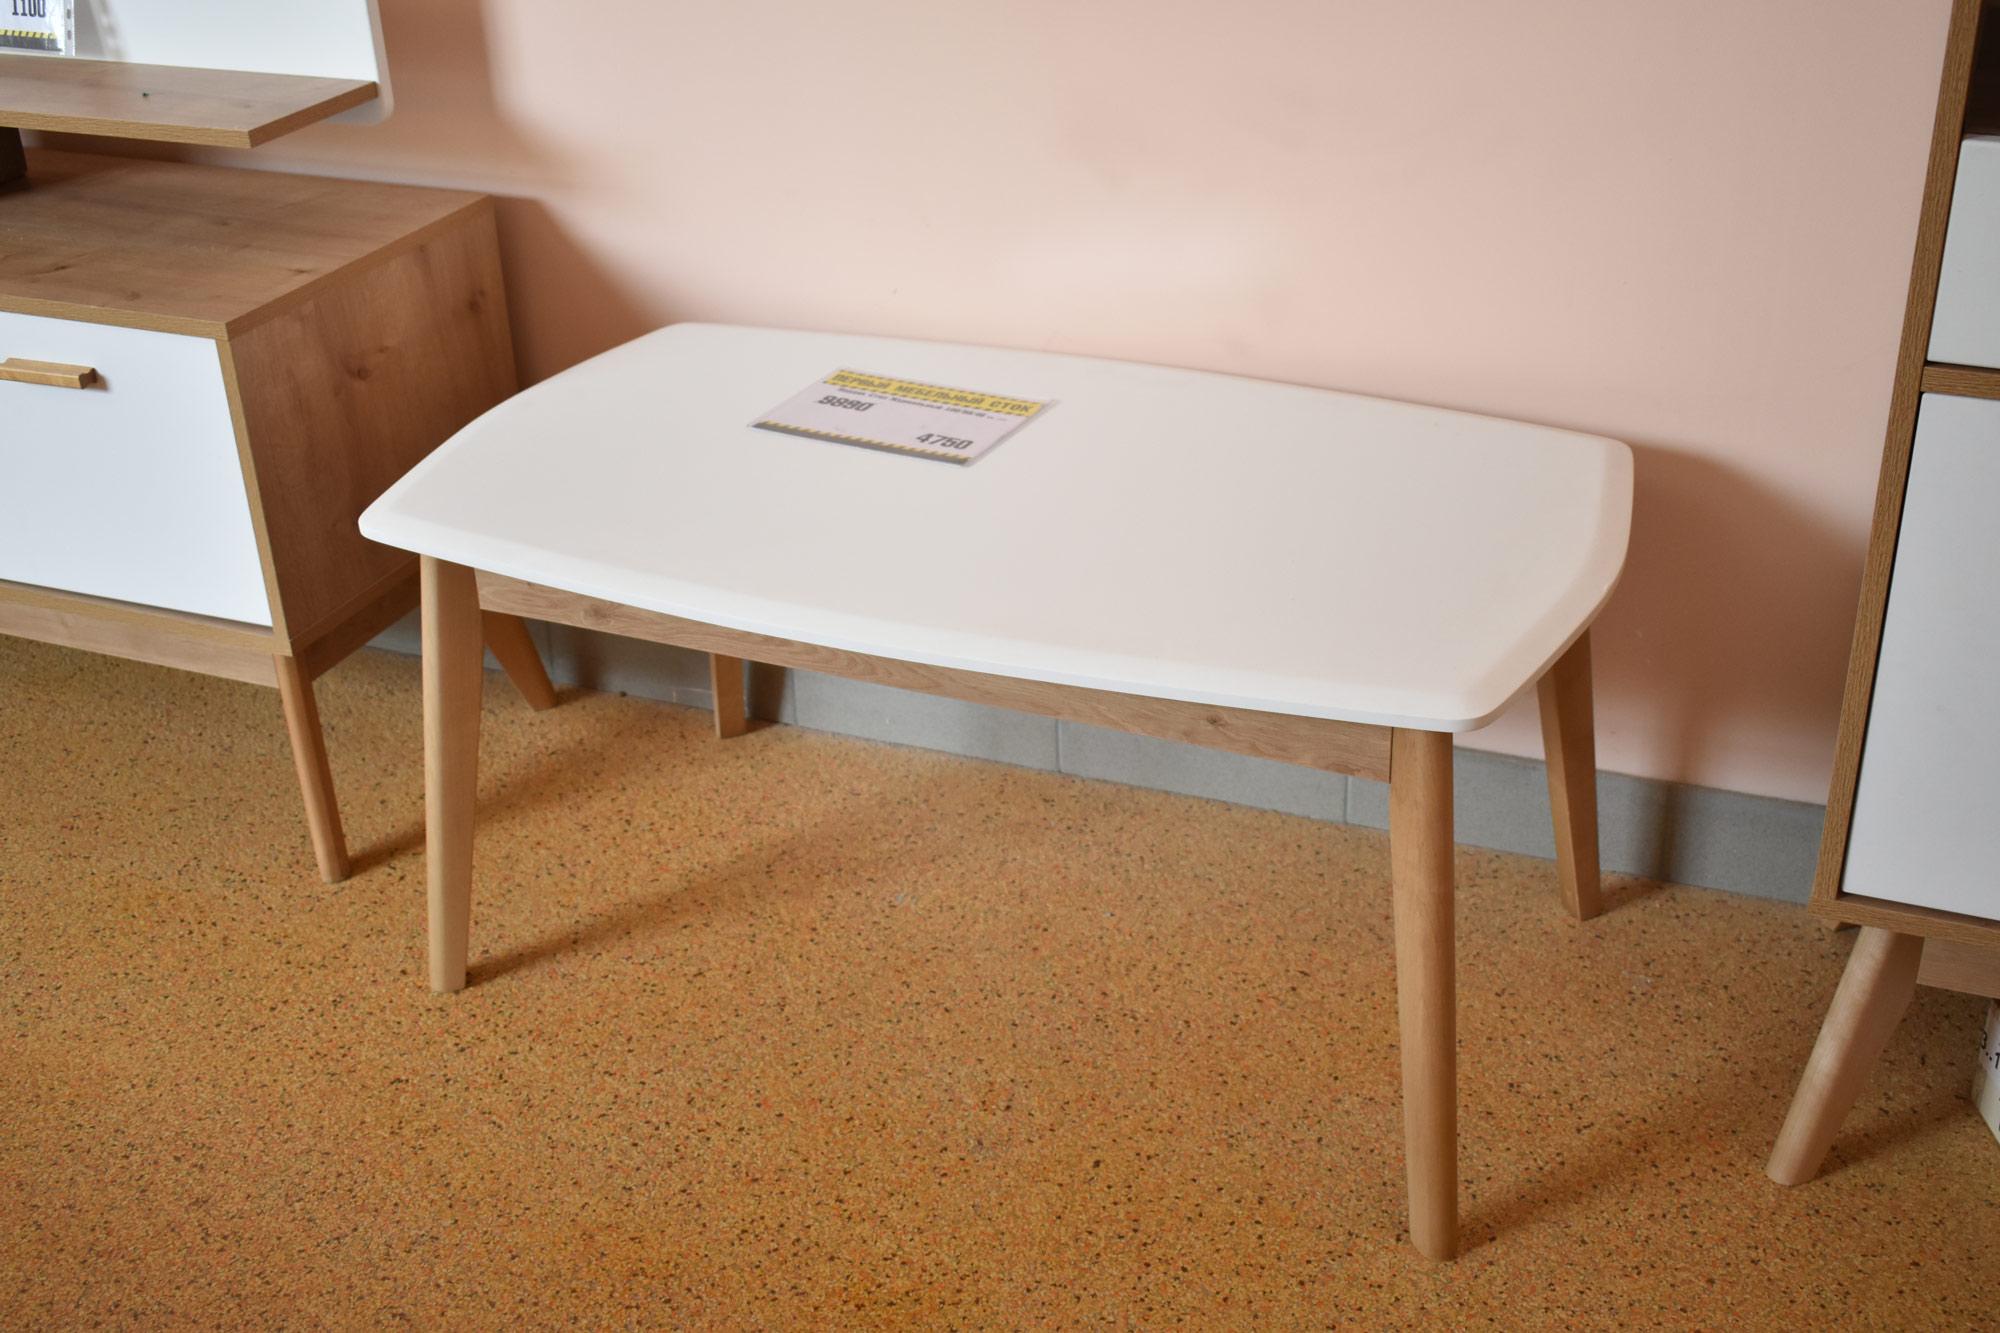 картинка Нордик журнальный стол* от магазина Мебель Сток